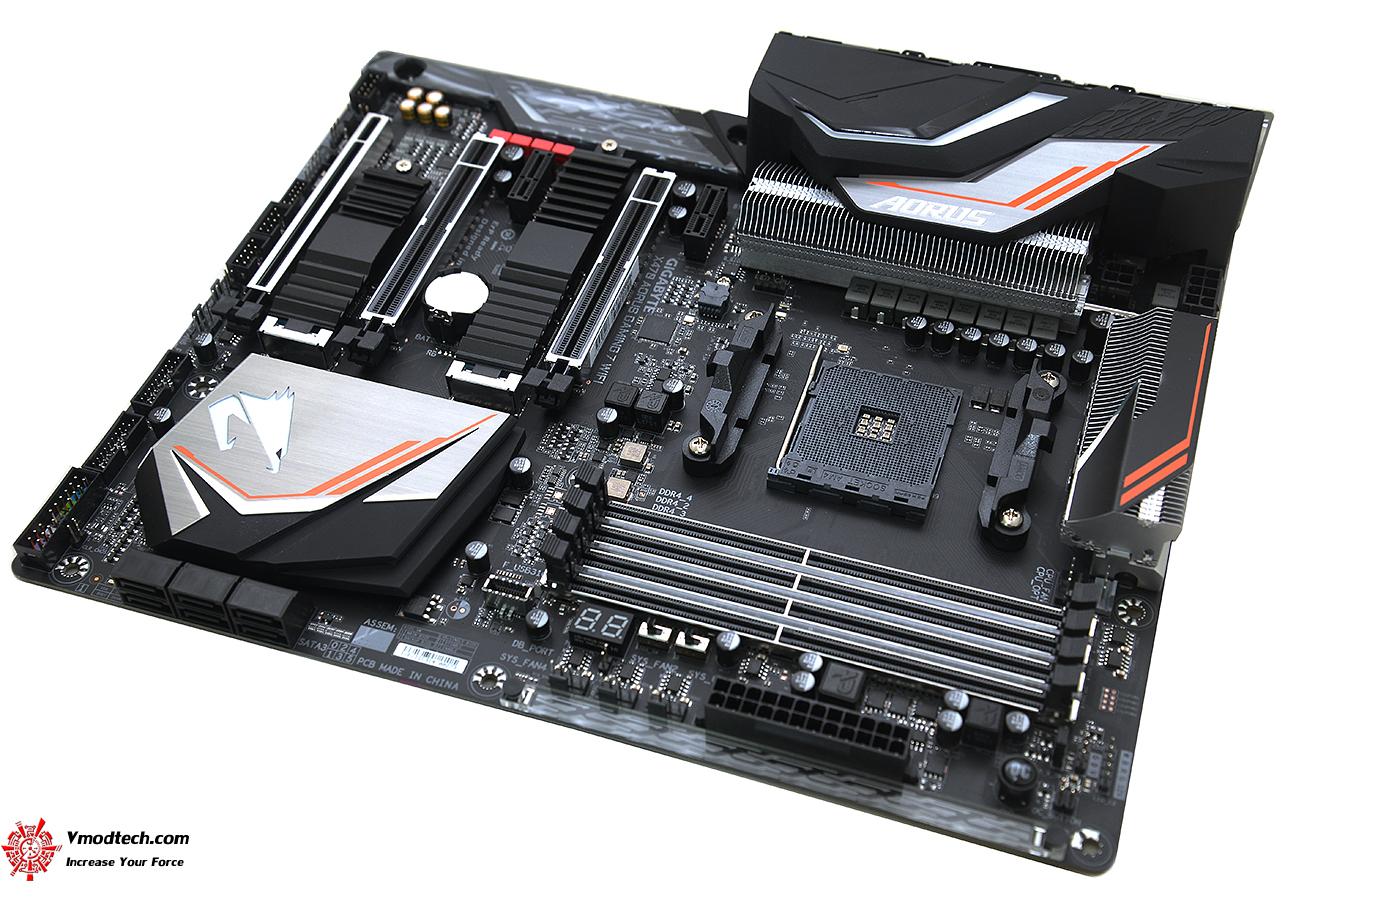 dsc 1323 AMD RYZEN 7 2700X PROCESSOR REVIEW